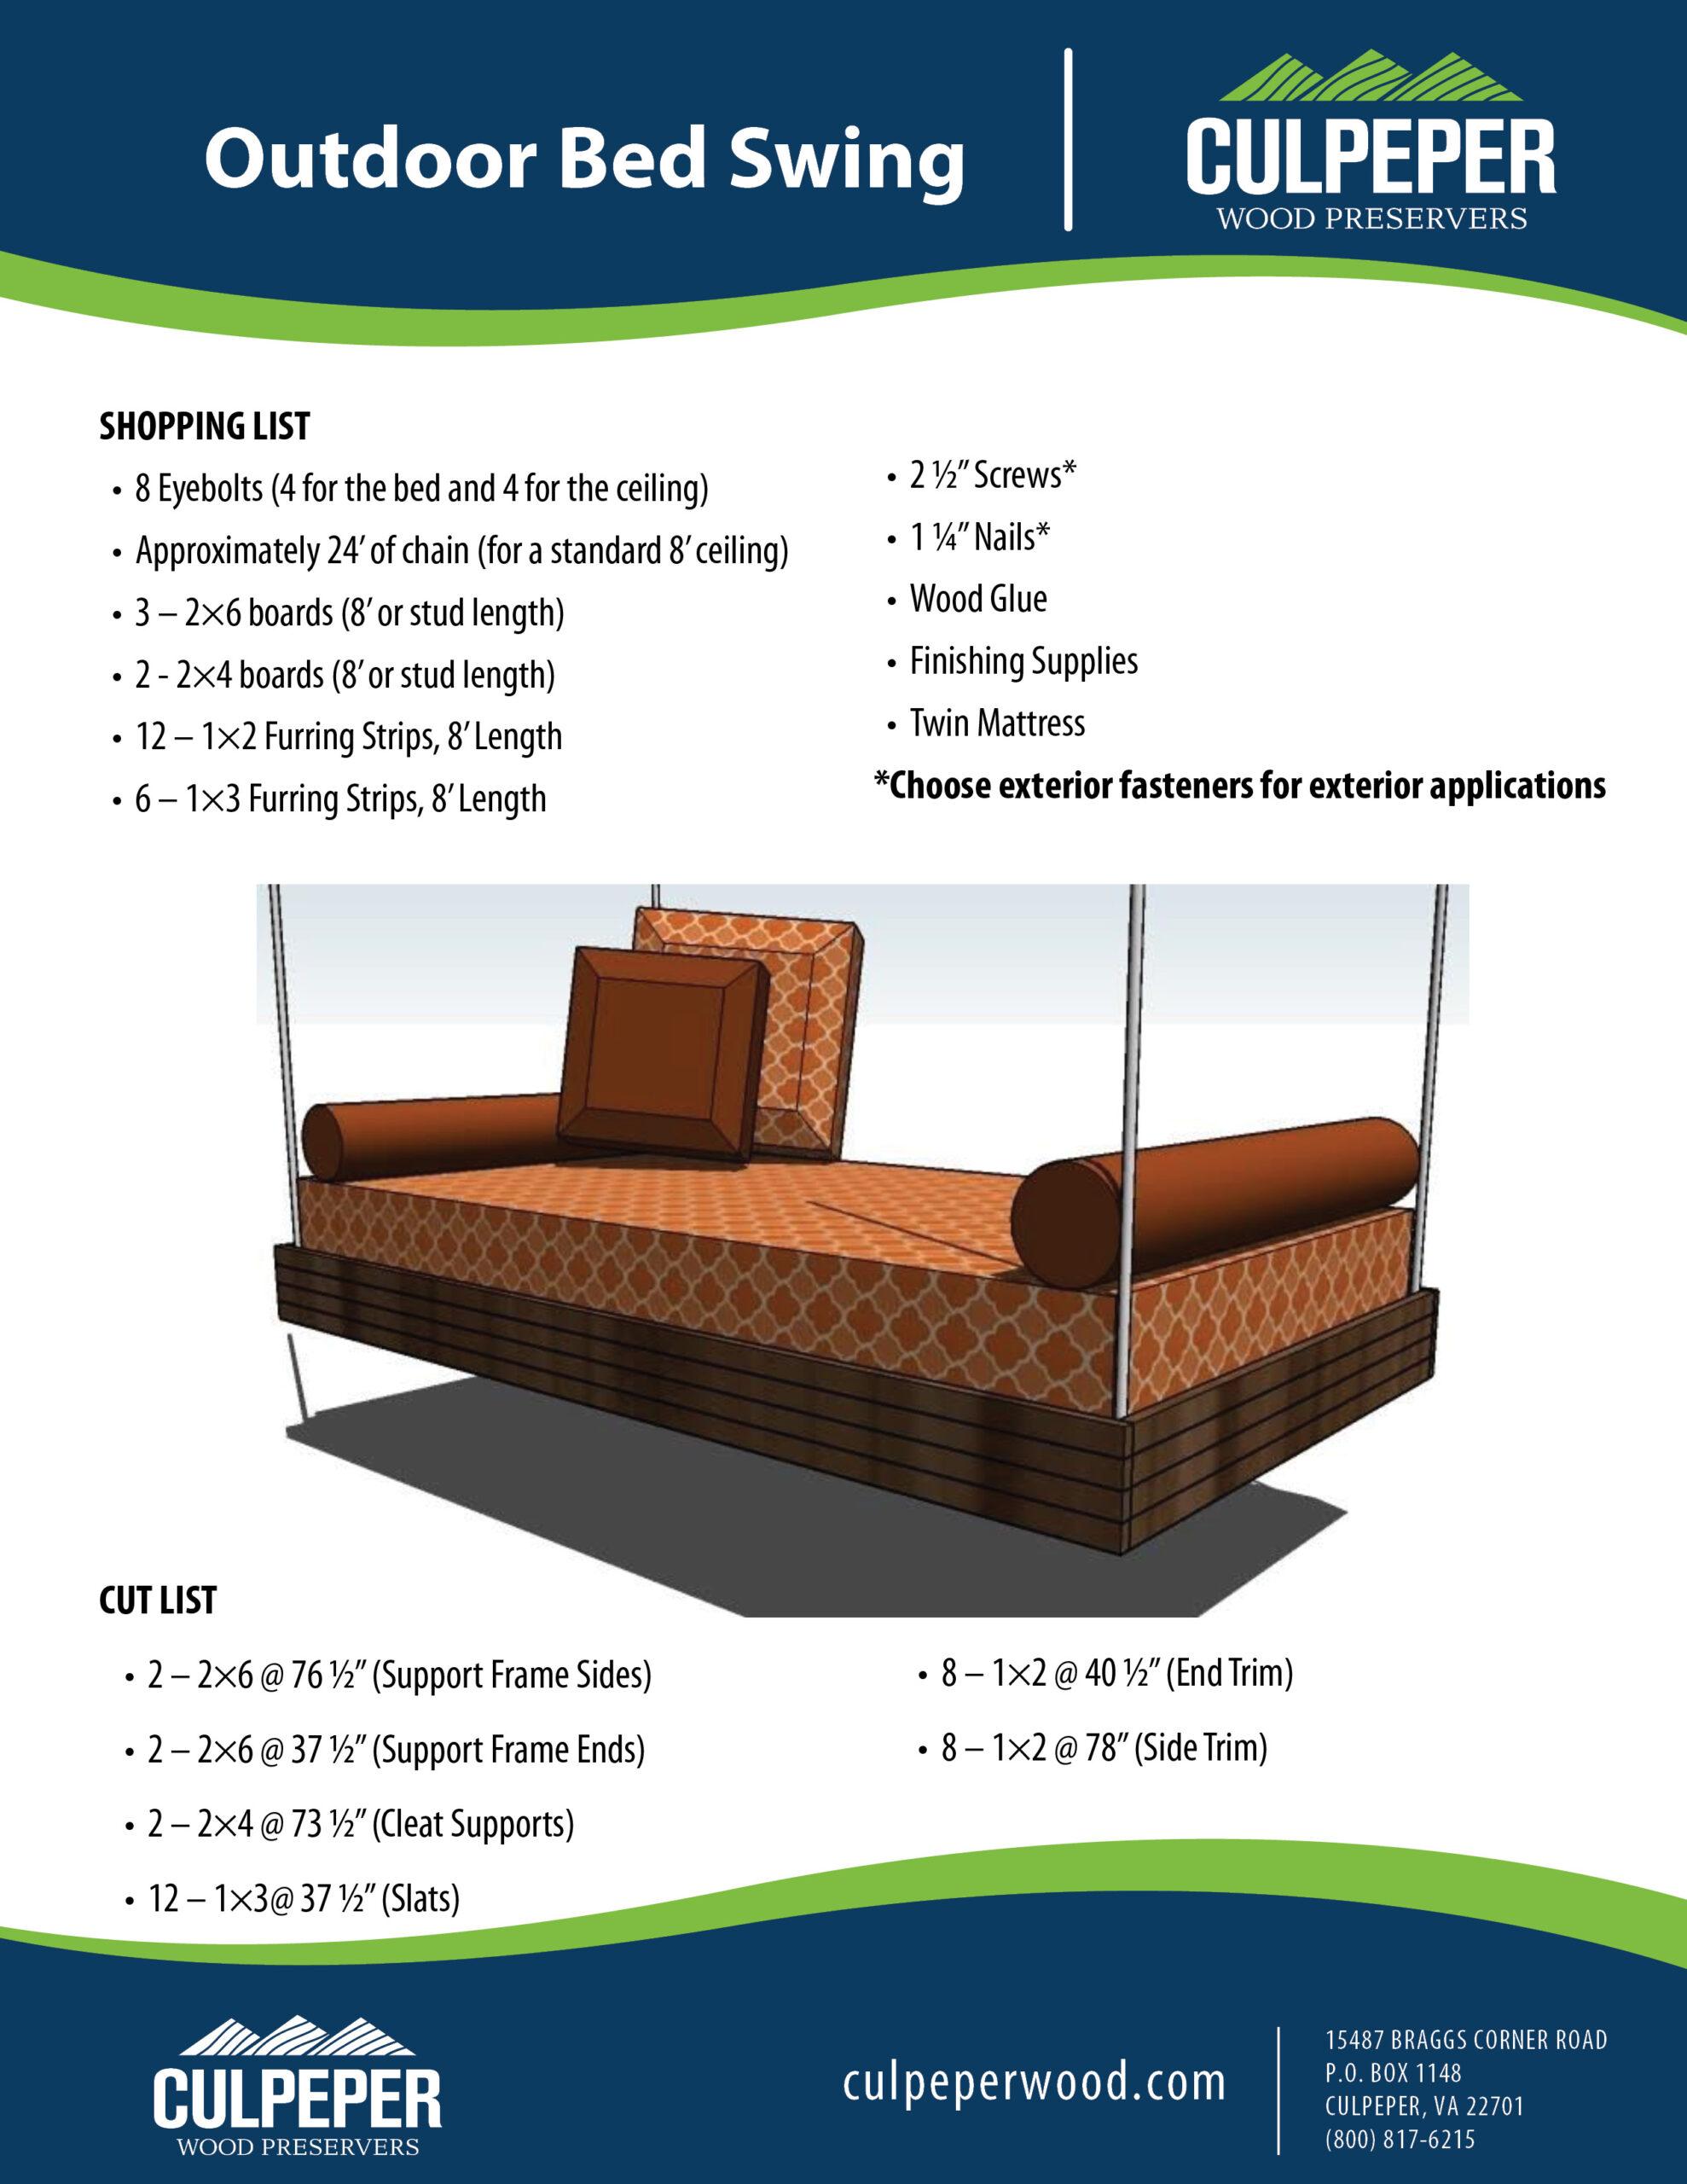 Outdoor Bed Swing KK050520